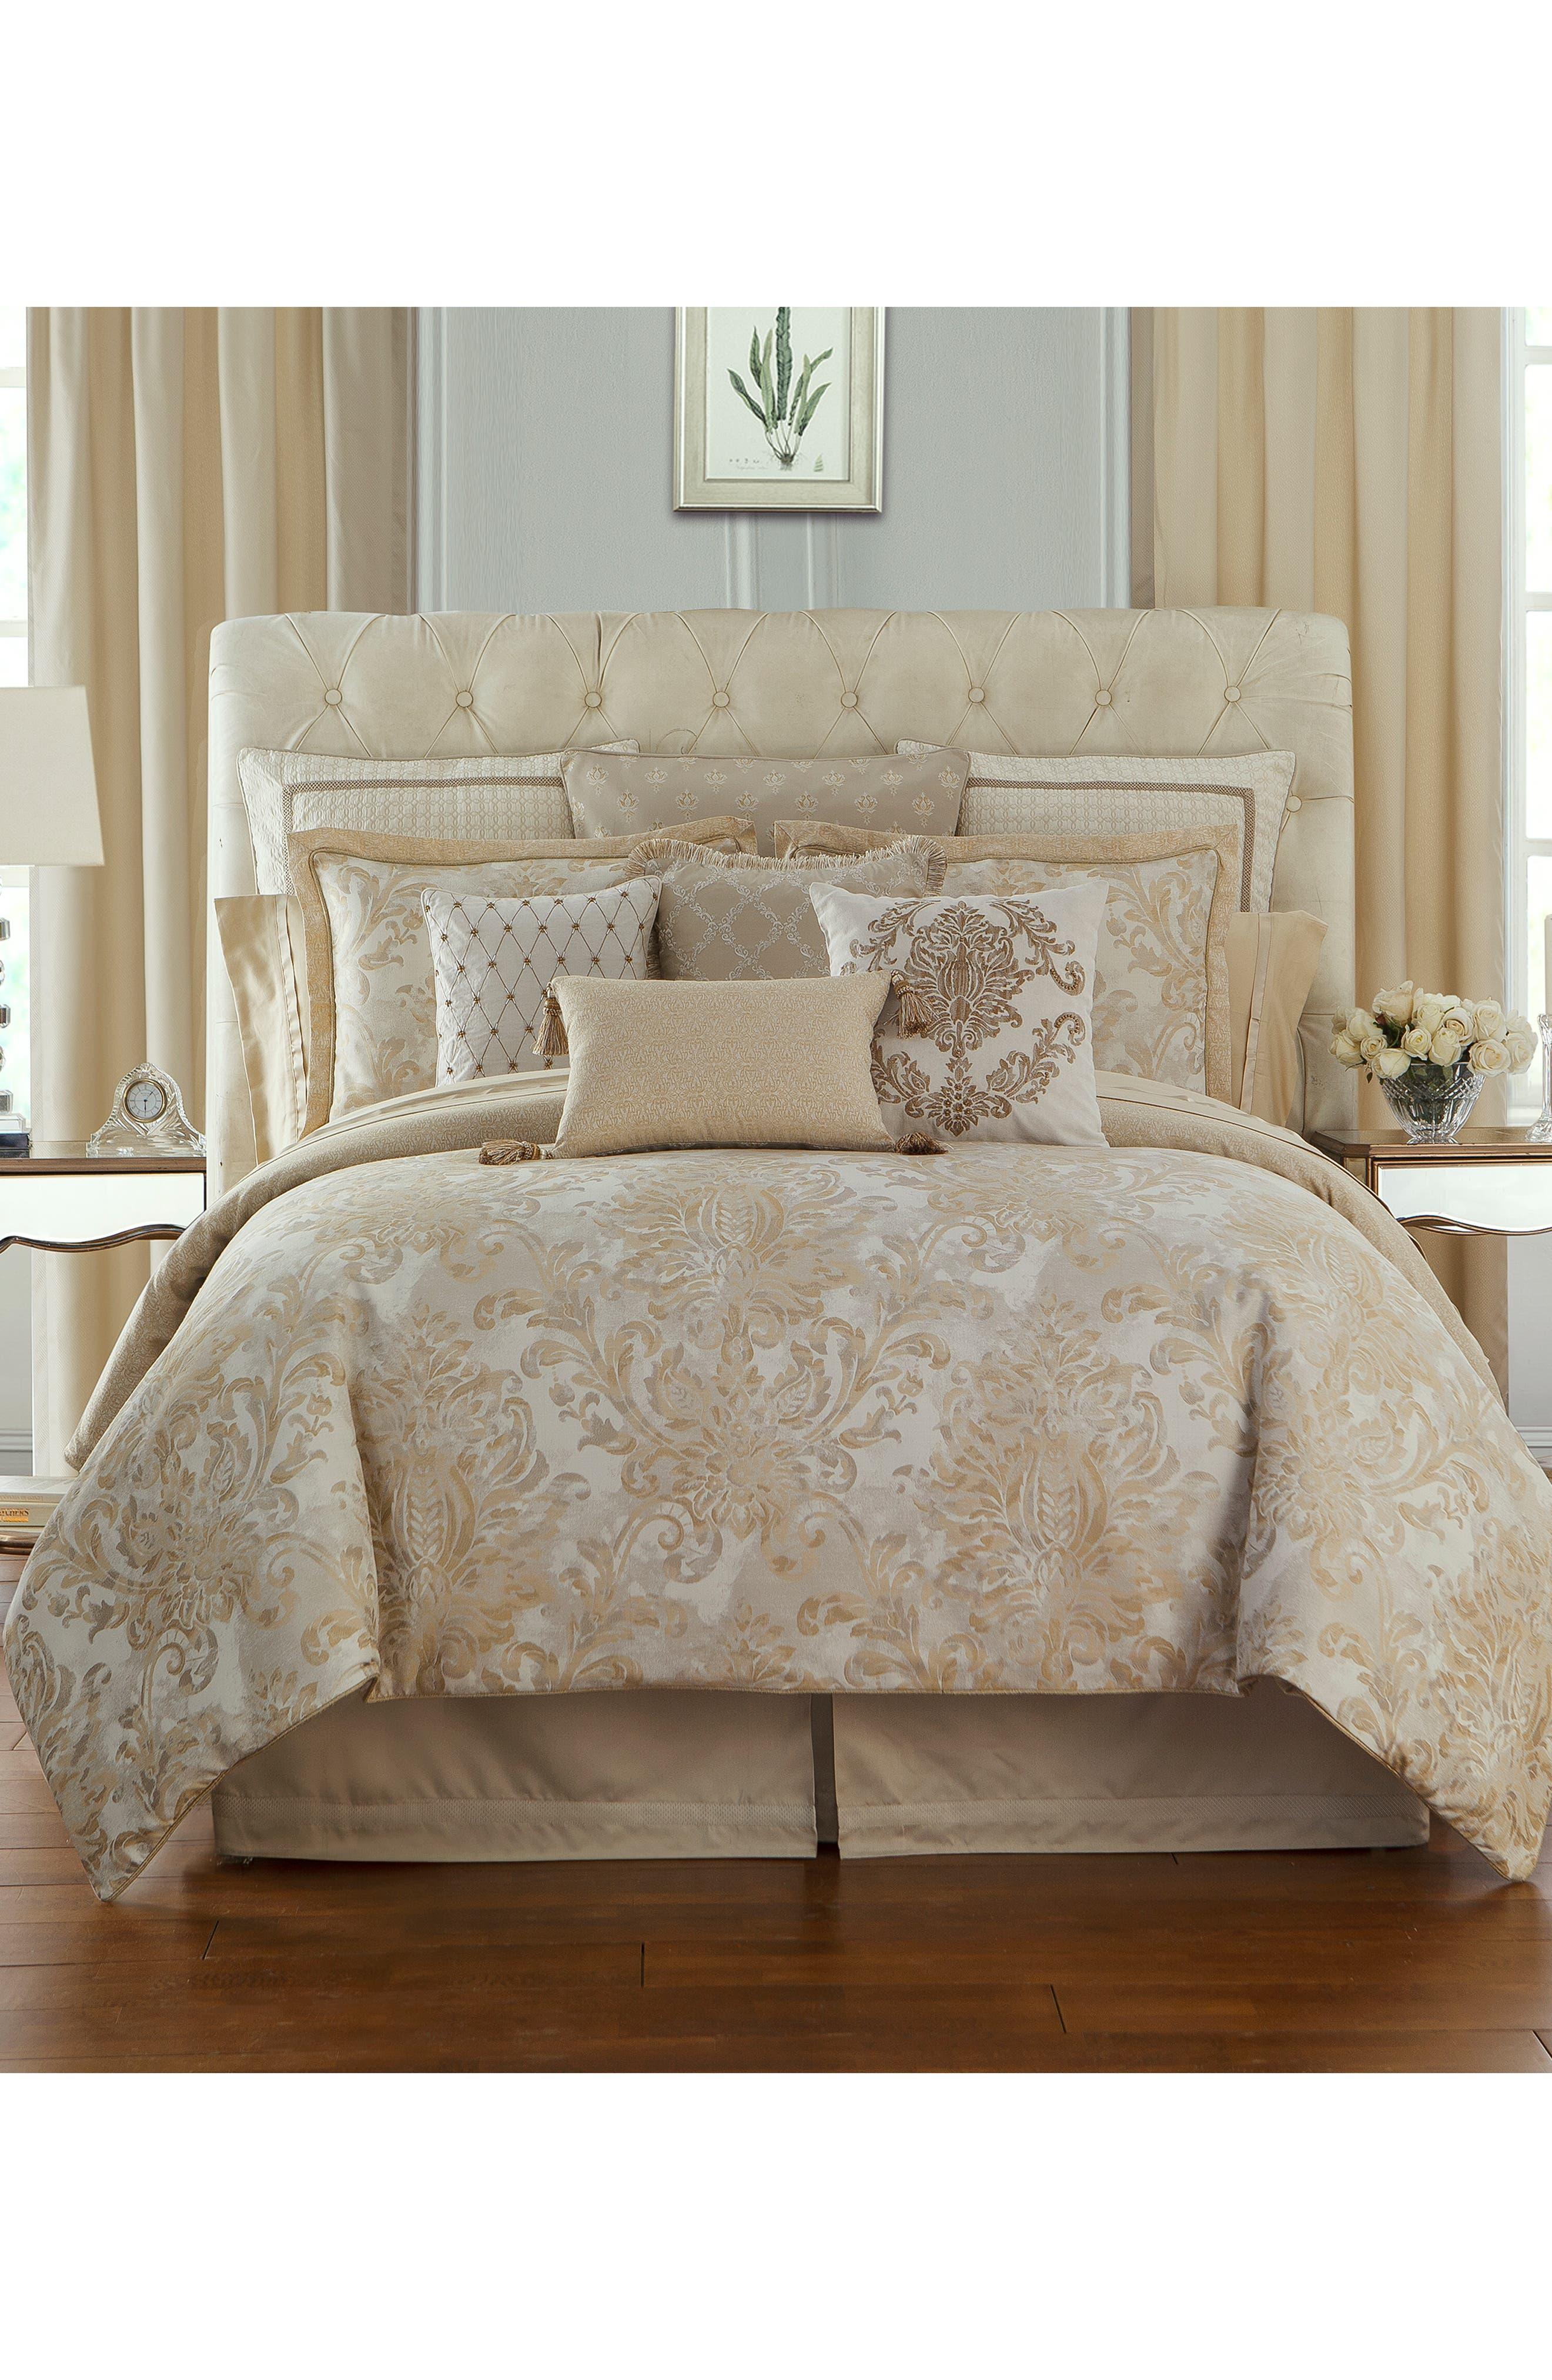 Annalise Reversible Comforter, Sham & Bed Skirt Set,                             Main thumbnail 1, color,                             GOLD